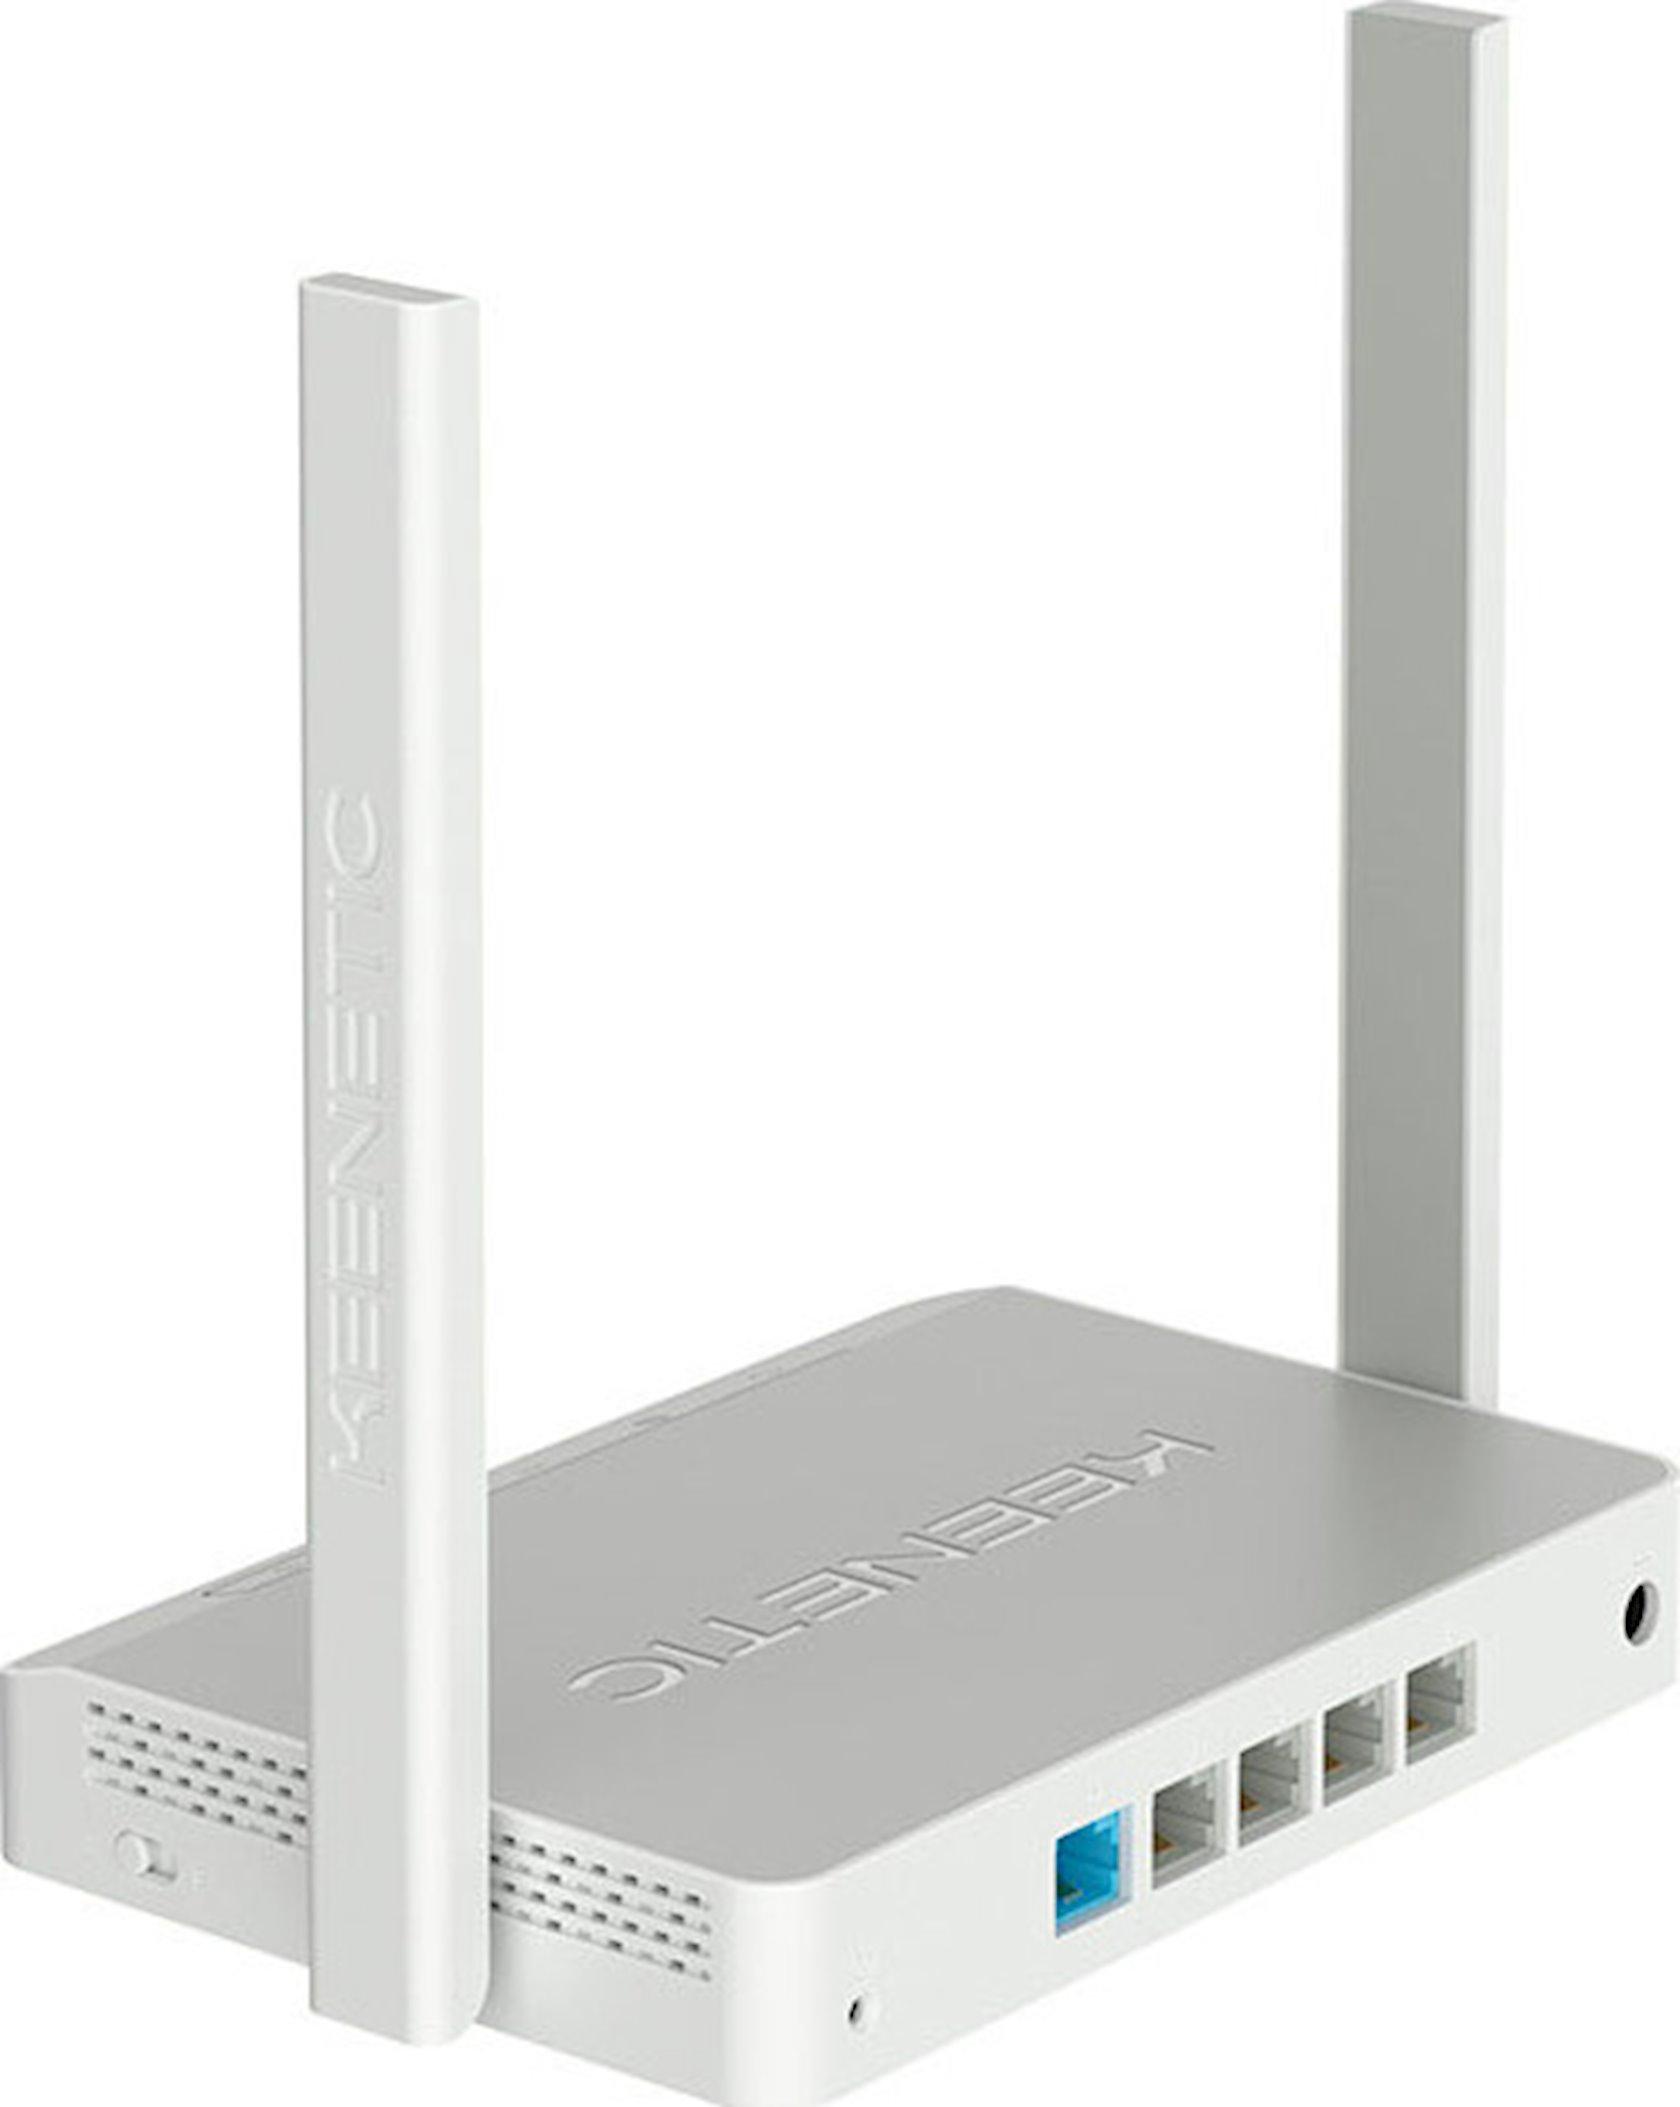 Wi-Fi router Keenetic Lite KN-1311